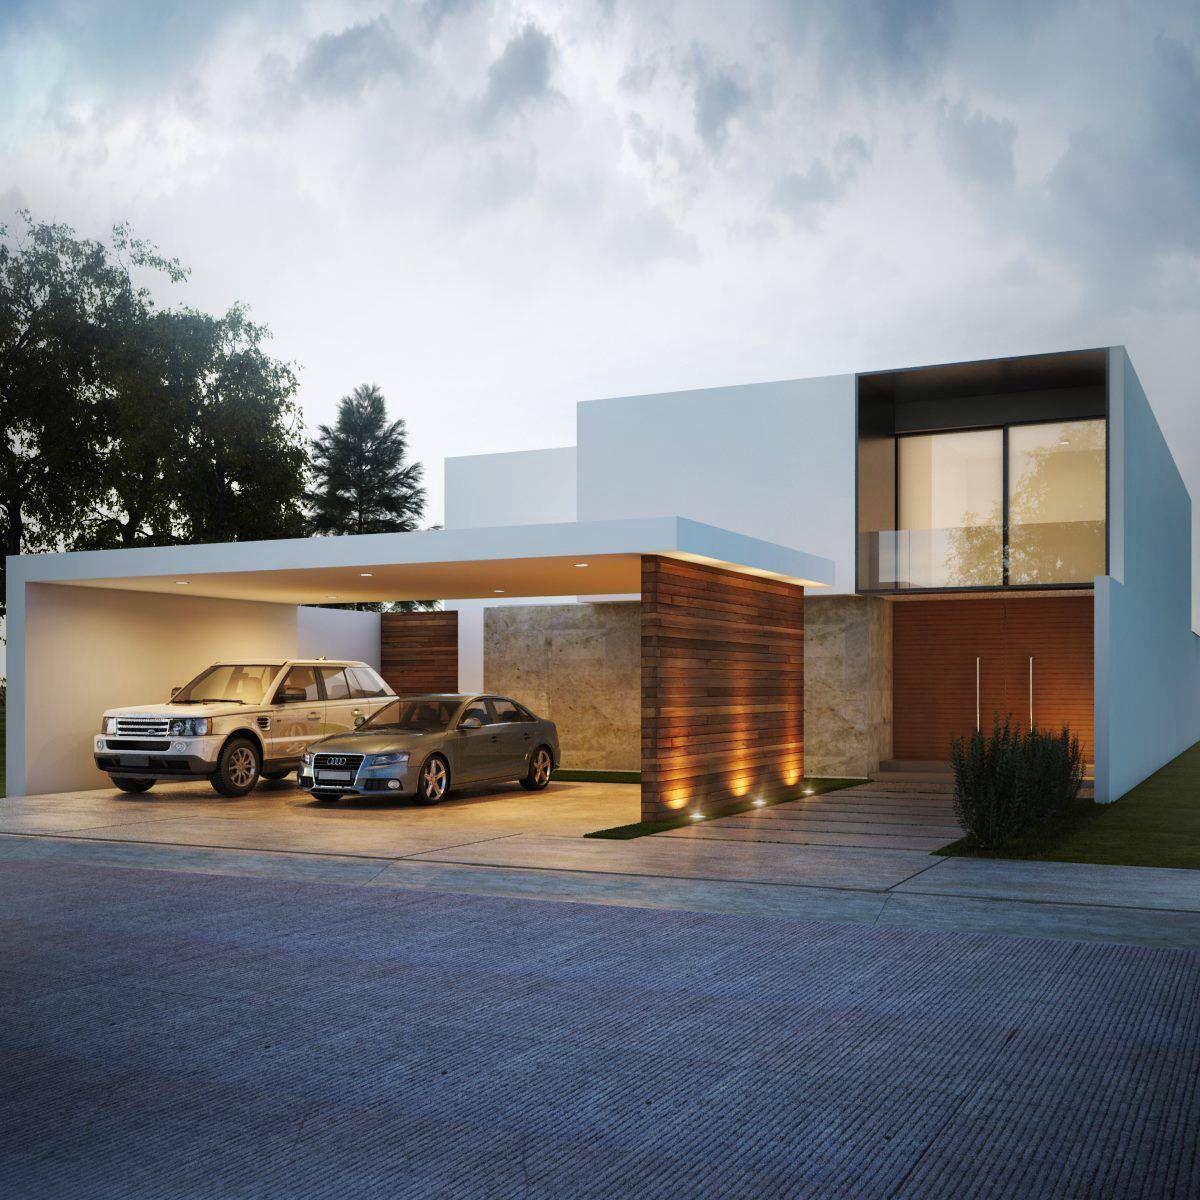 Pin de rodolfo castellano freire en dise os hogar casas for Casa minimalista harborview hills